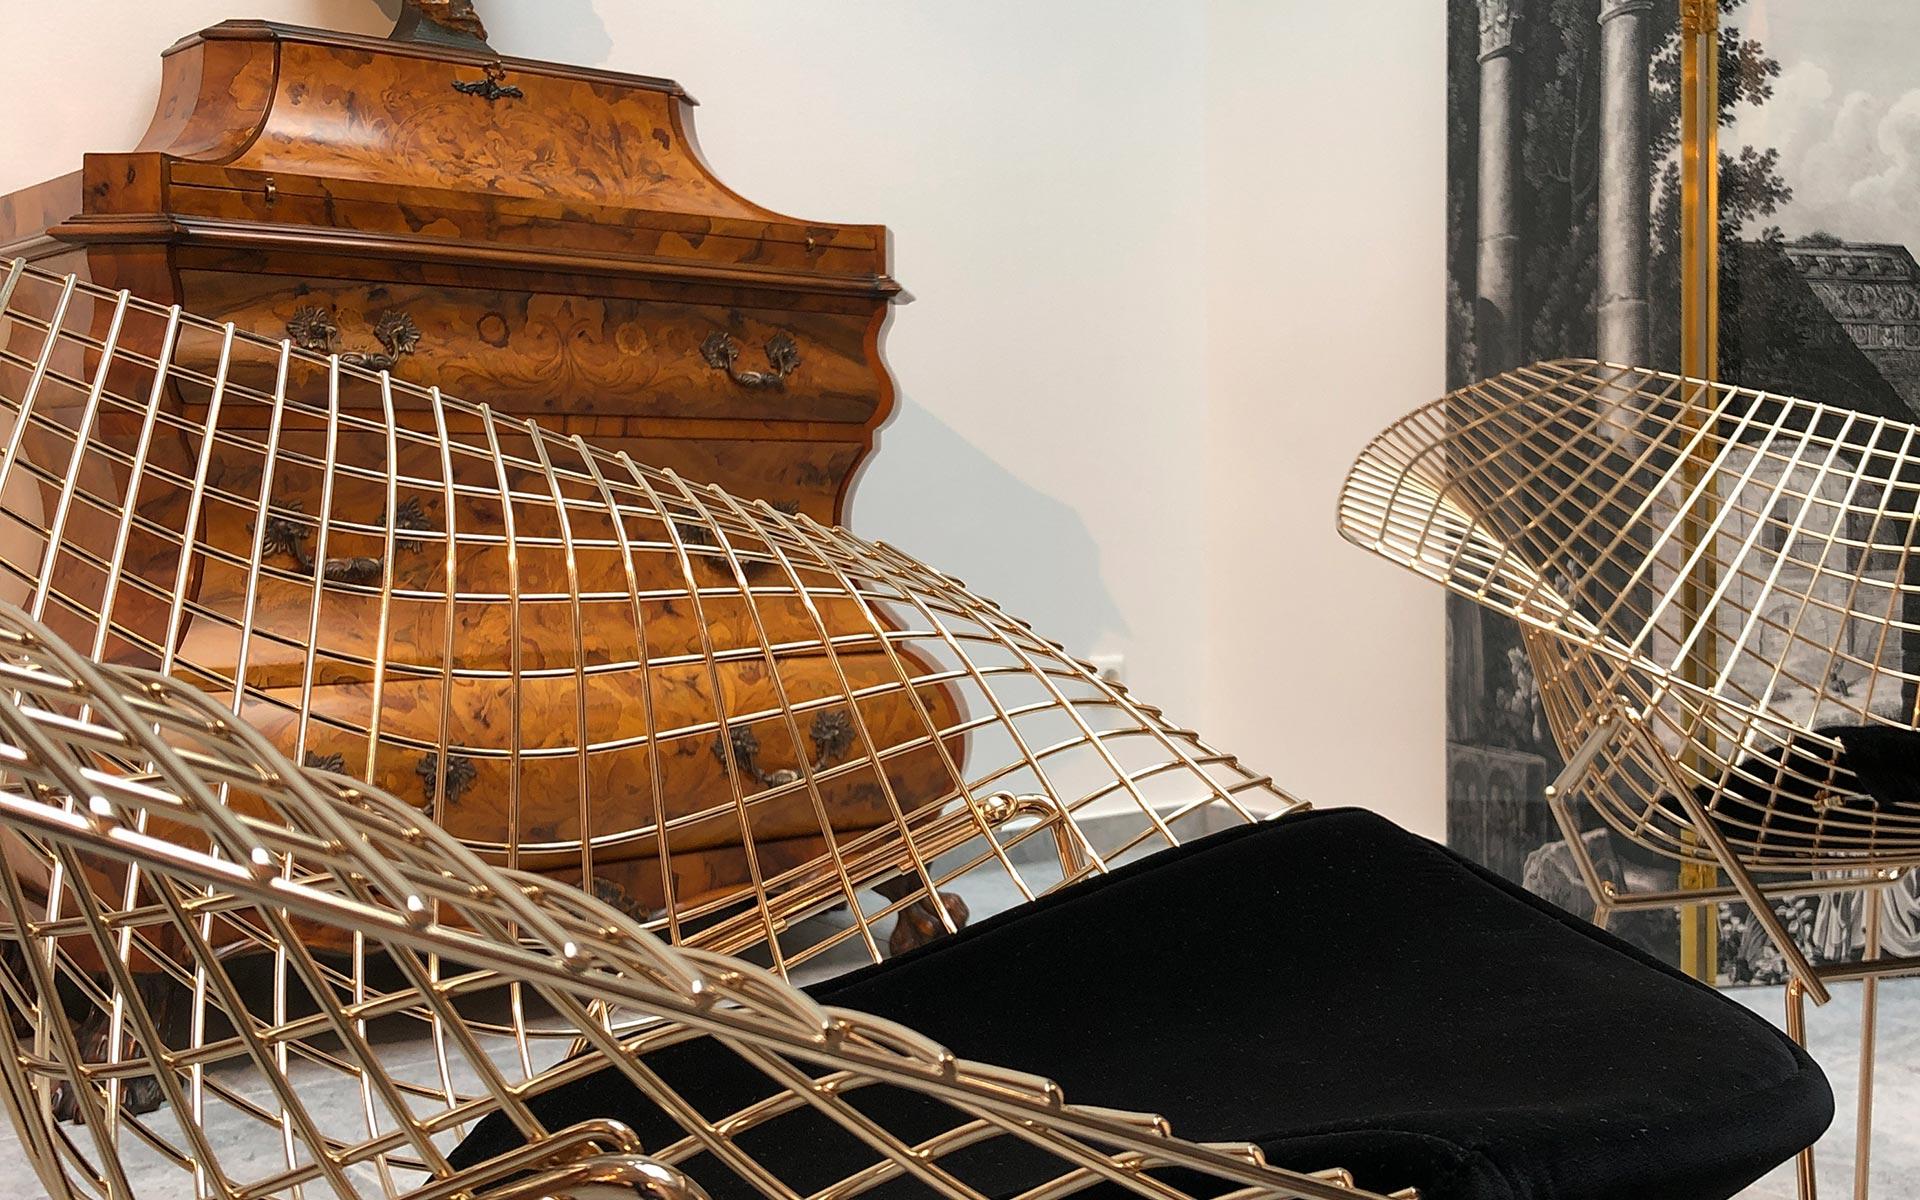 Knoll Inc. Dimond Chair - Interiordesign steidten+ Berlin